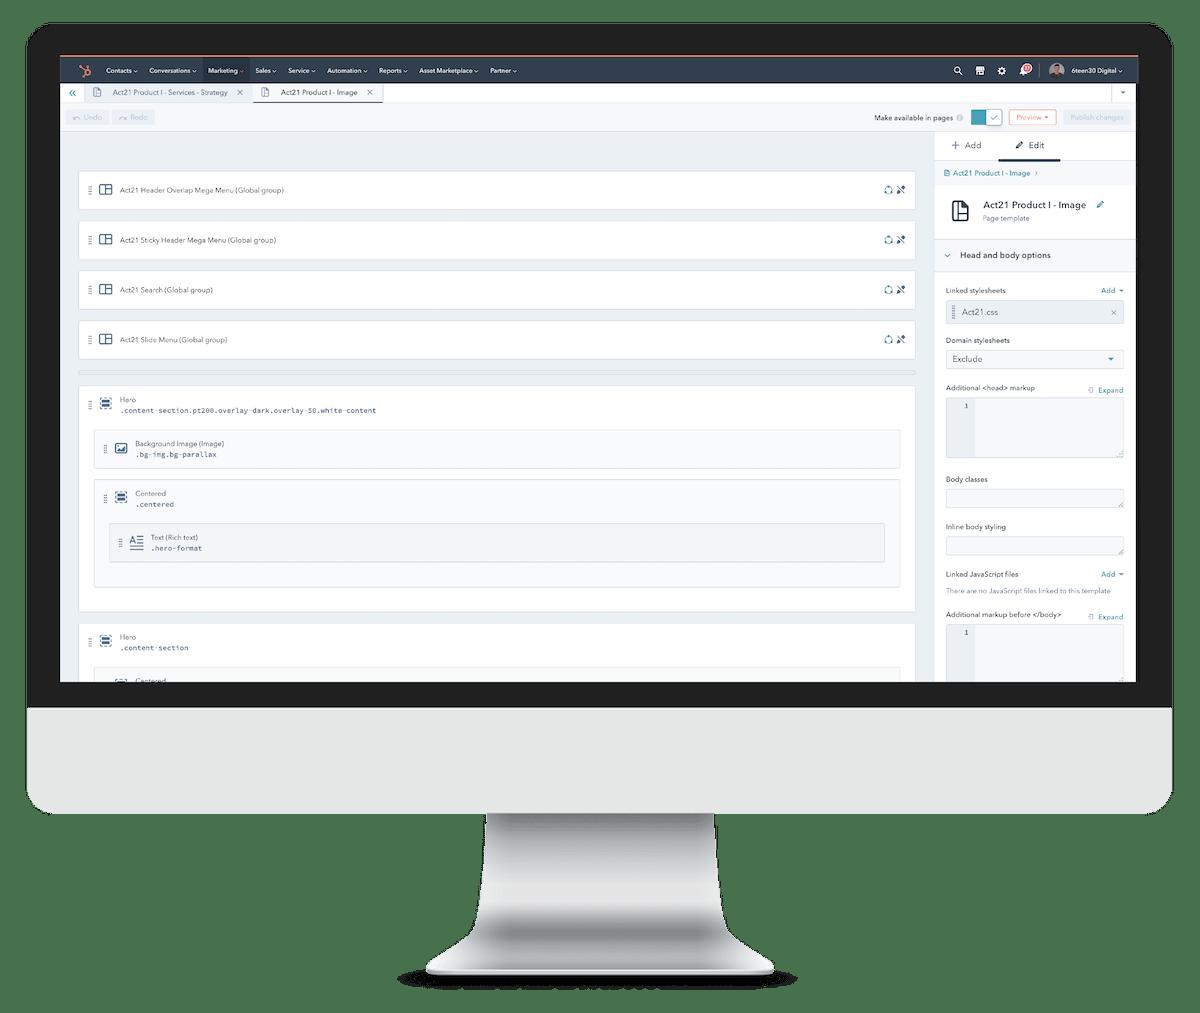 6teen30 Digital - Growth Driven Design - HubSpot CMS